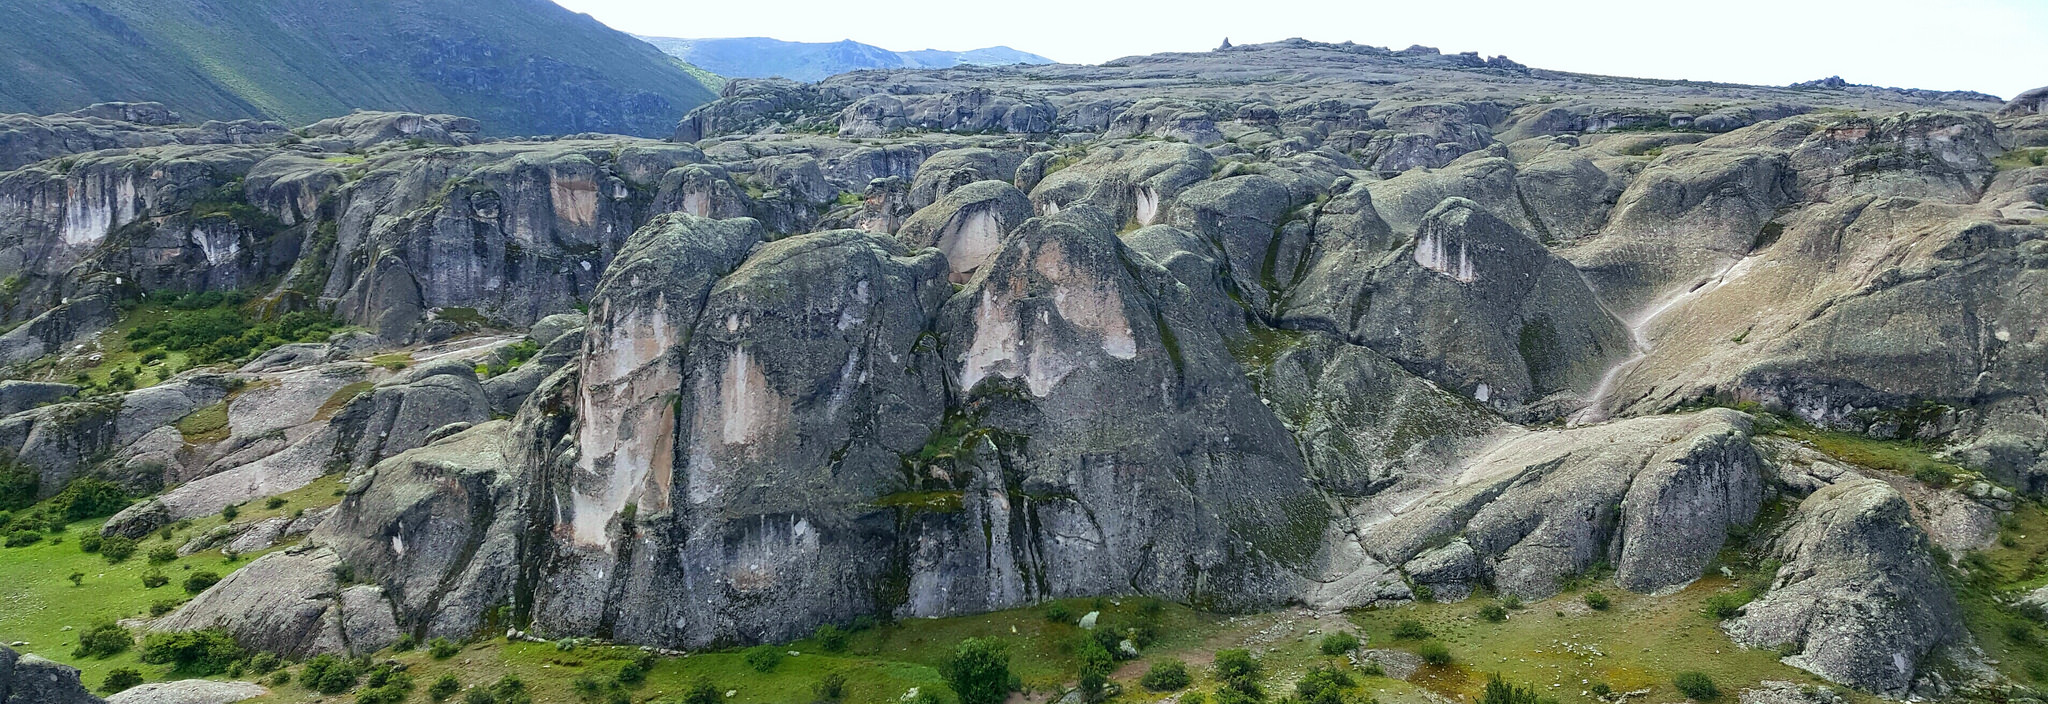 marcahuasi bosque de piedra